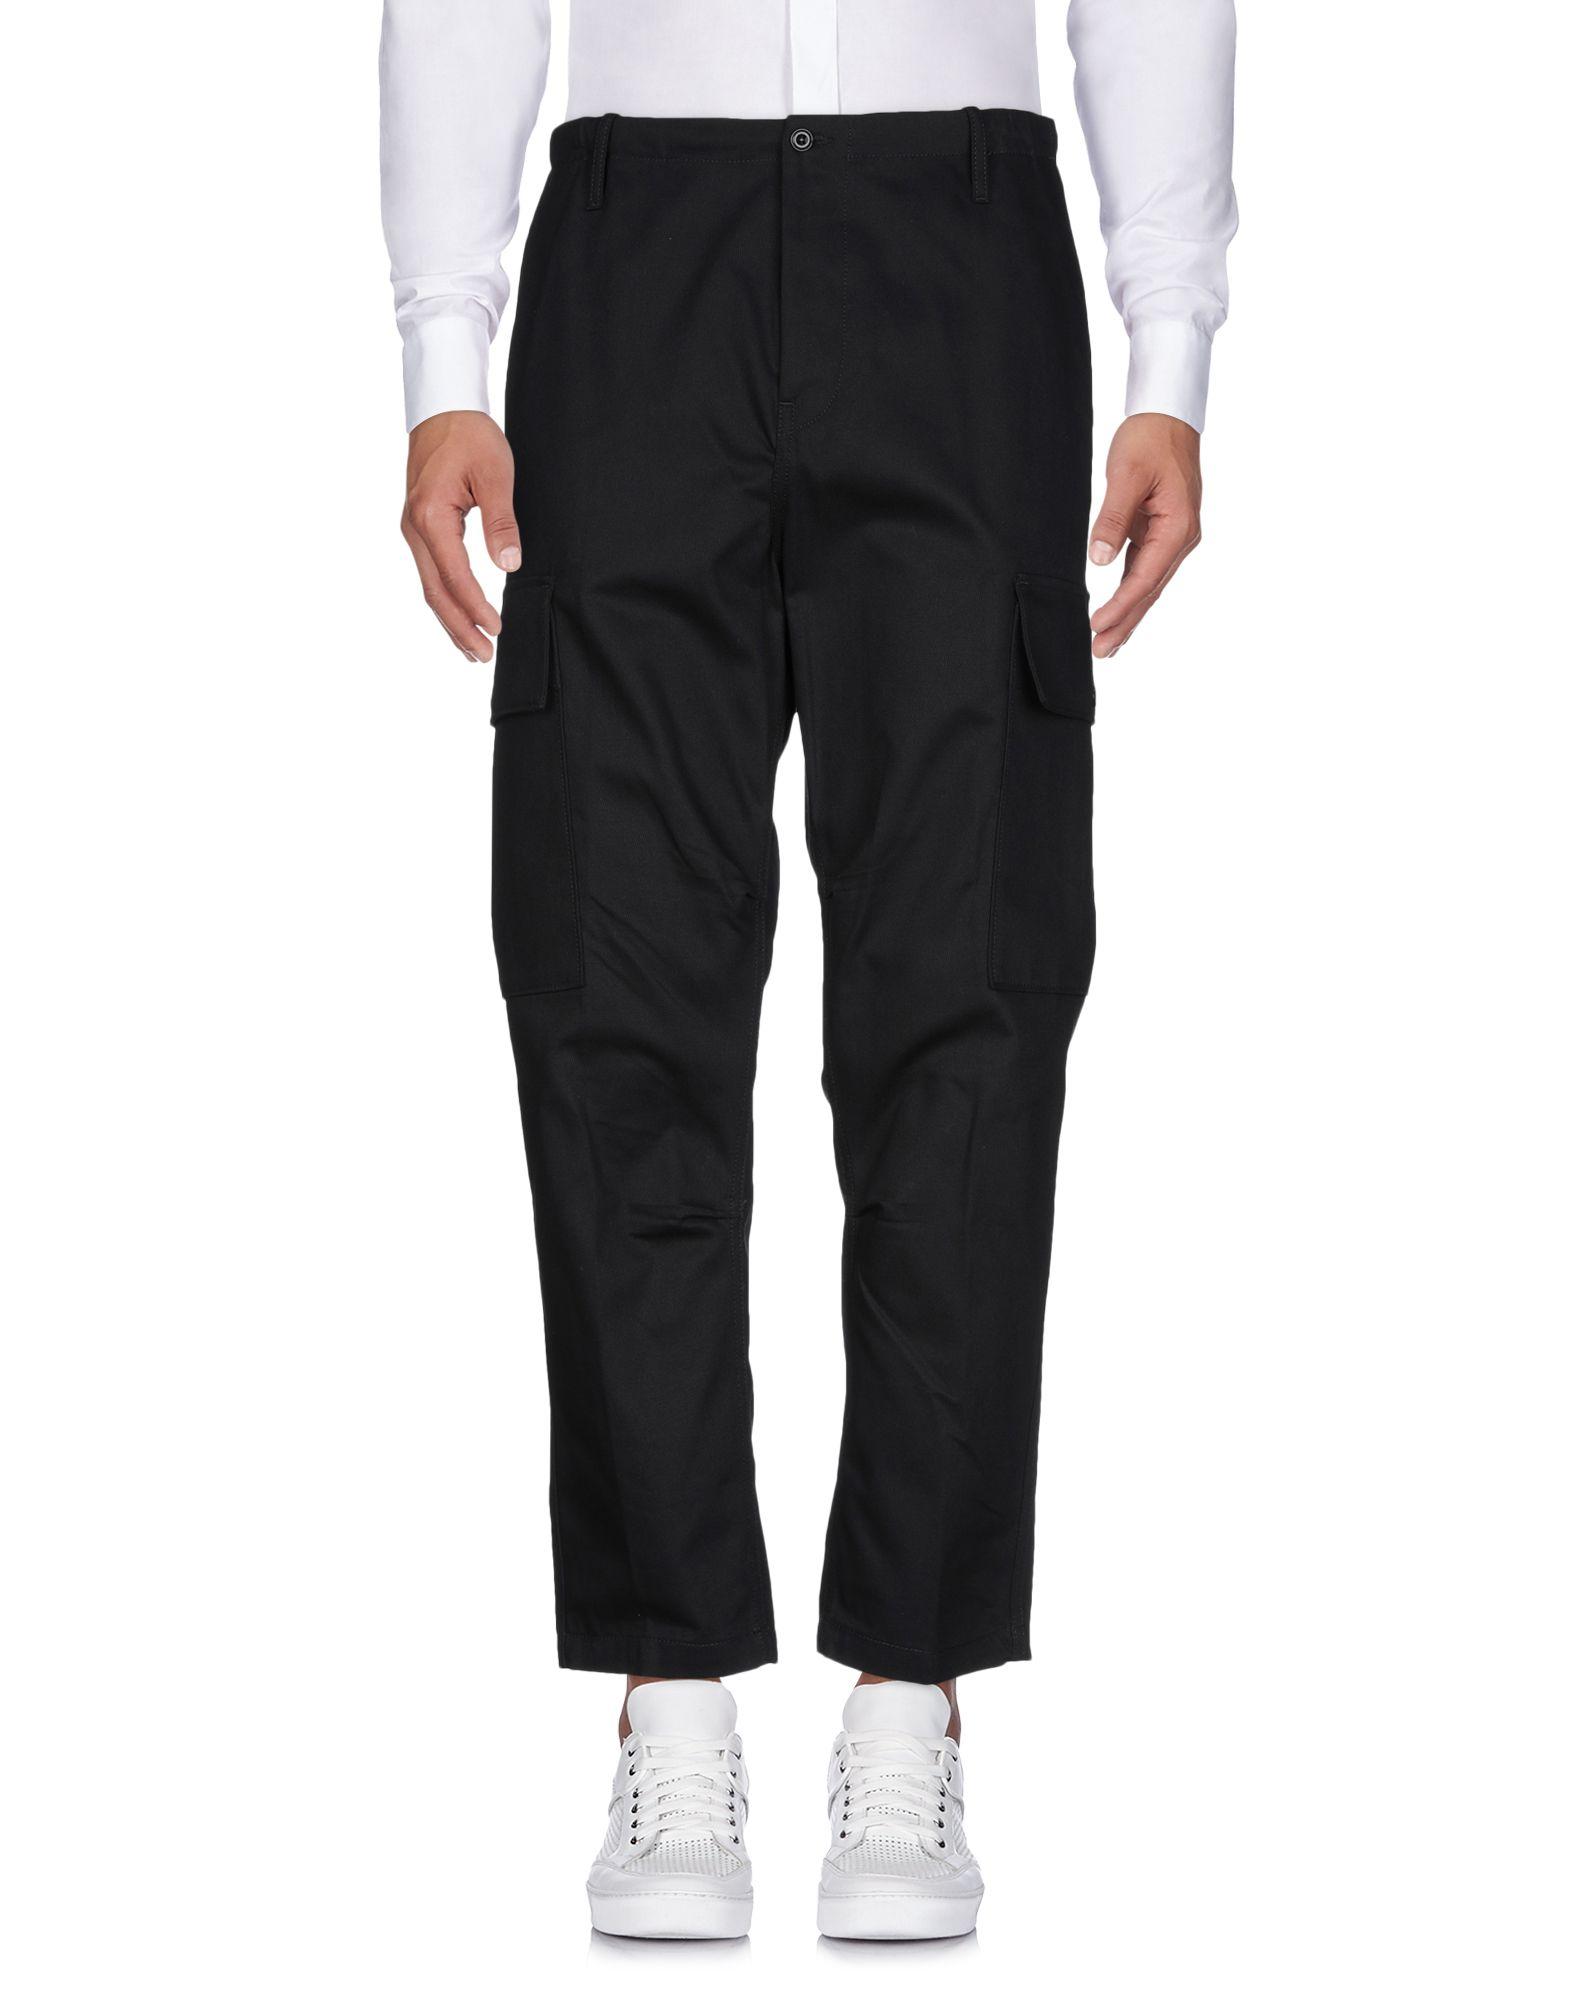 《送料無料》COVERT メンズ パンツ ブラック 52 コットン 100%